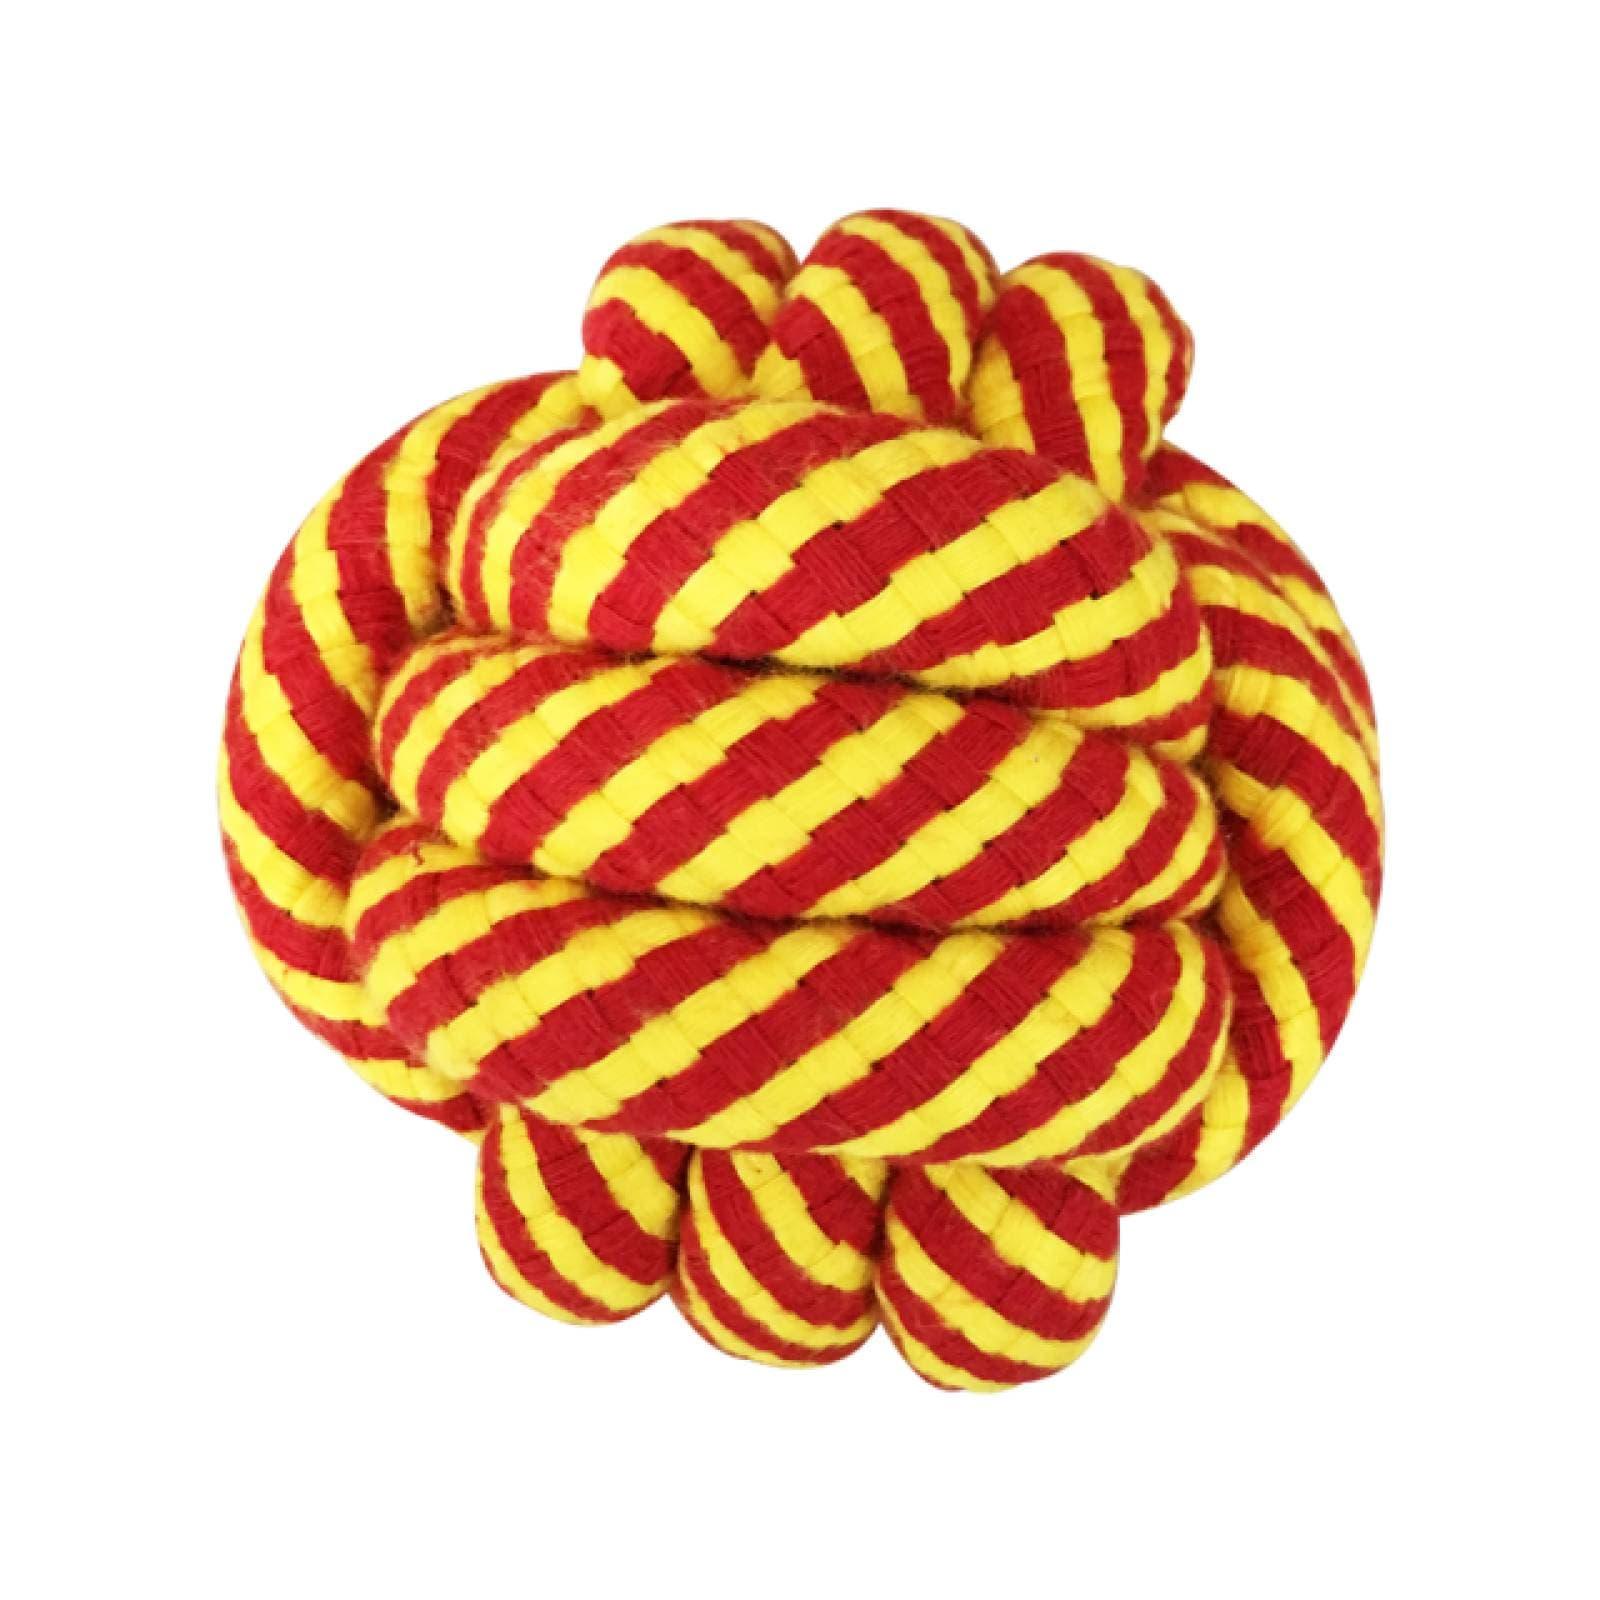 Fancy Pets Juguete para Perro Bola de Cuerda Roja-Amarillo de 8 cm